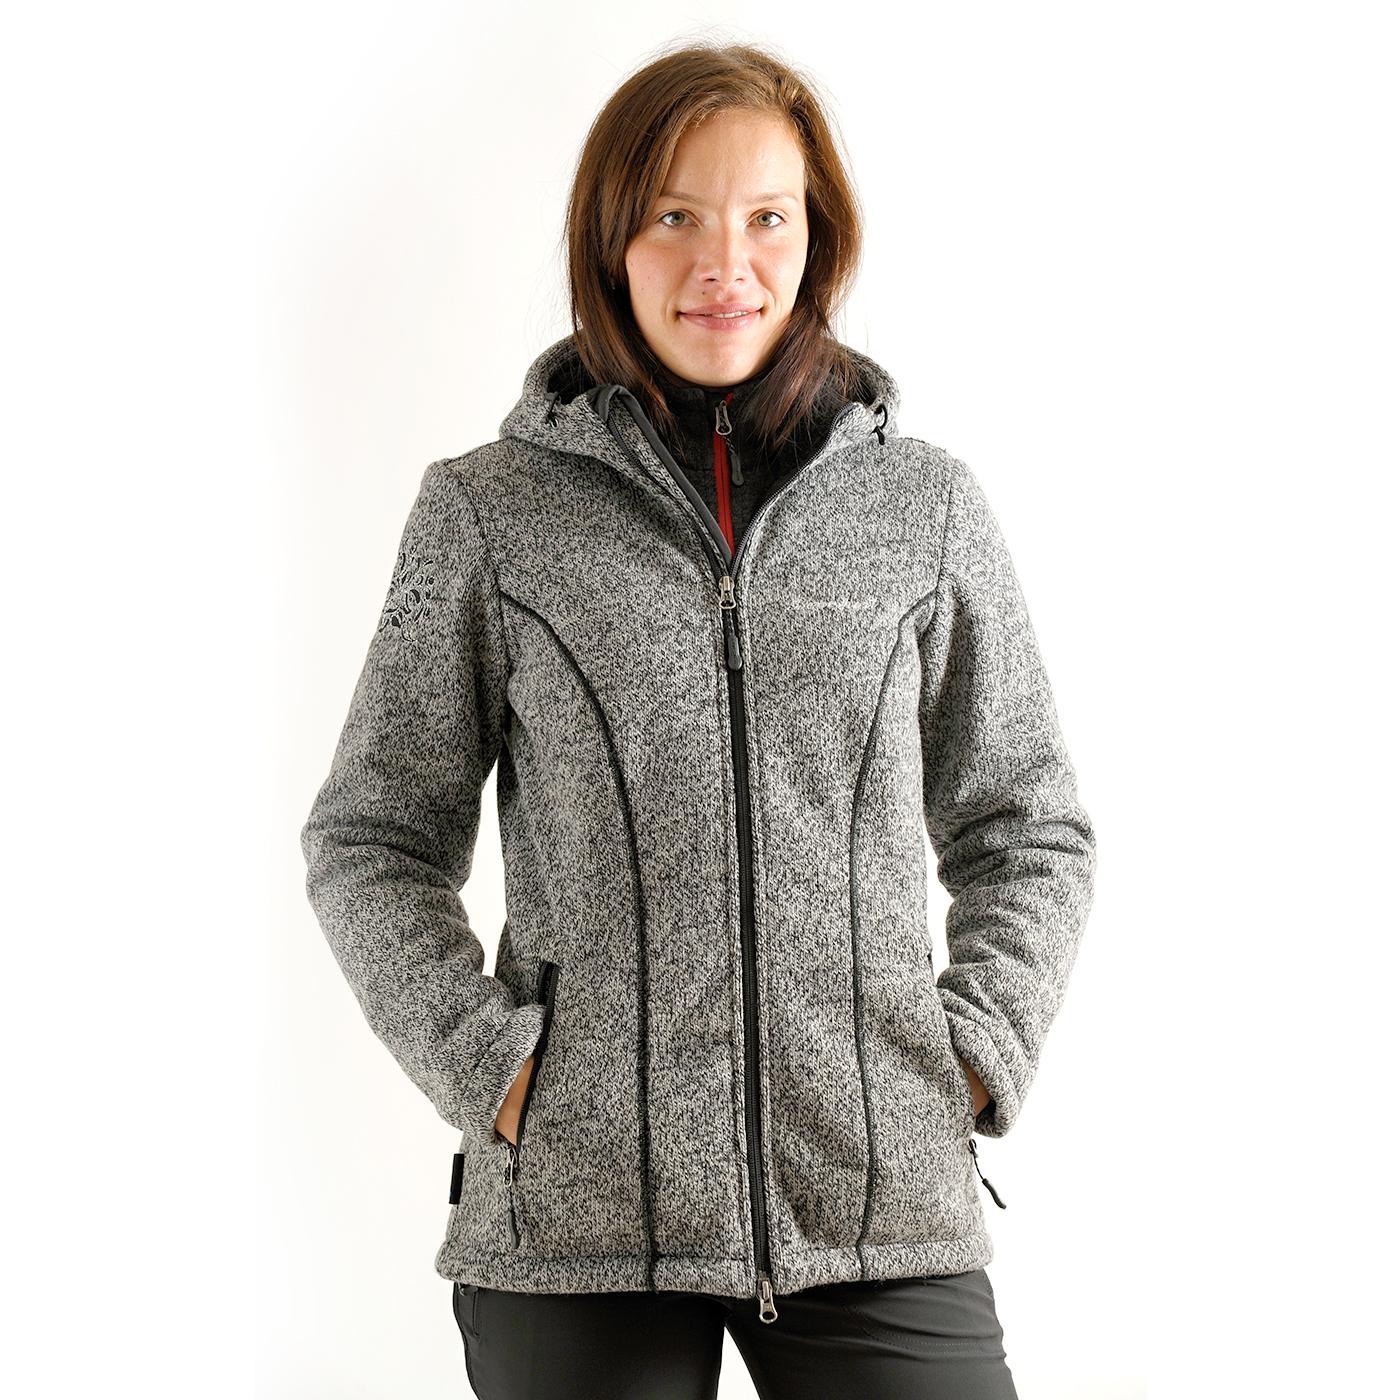 Benesport dámska bunda Kruhová - čierna, veľkosť XS